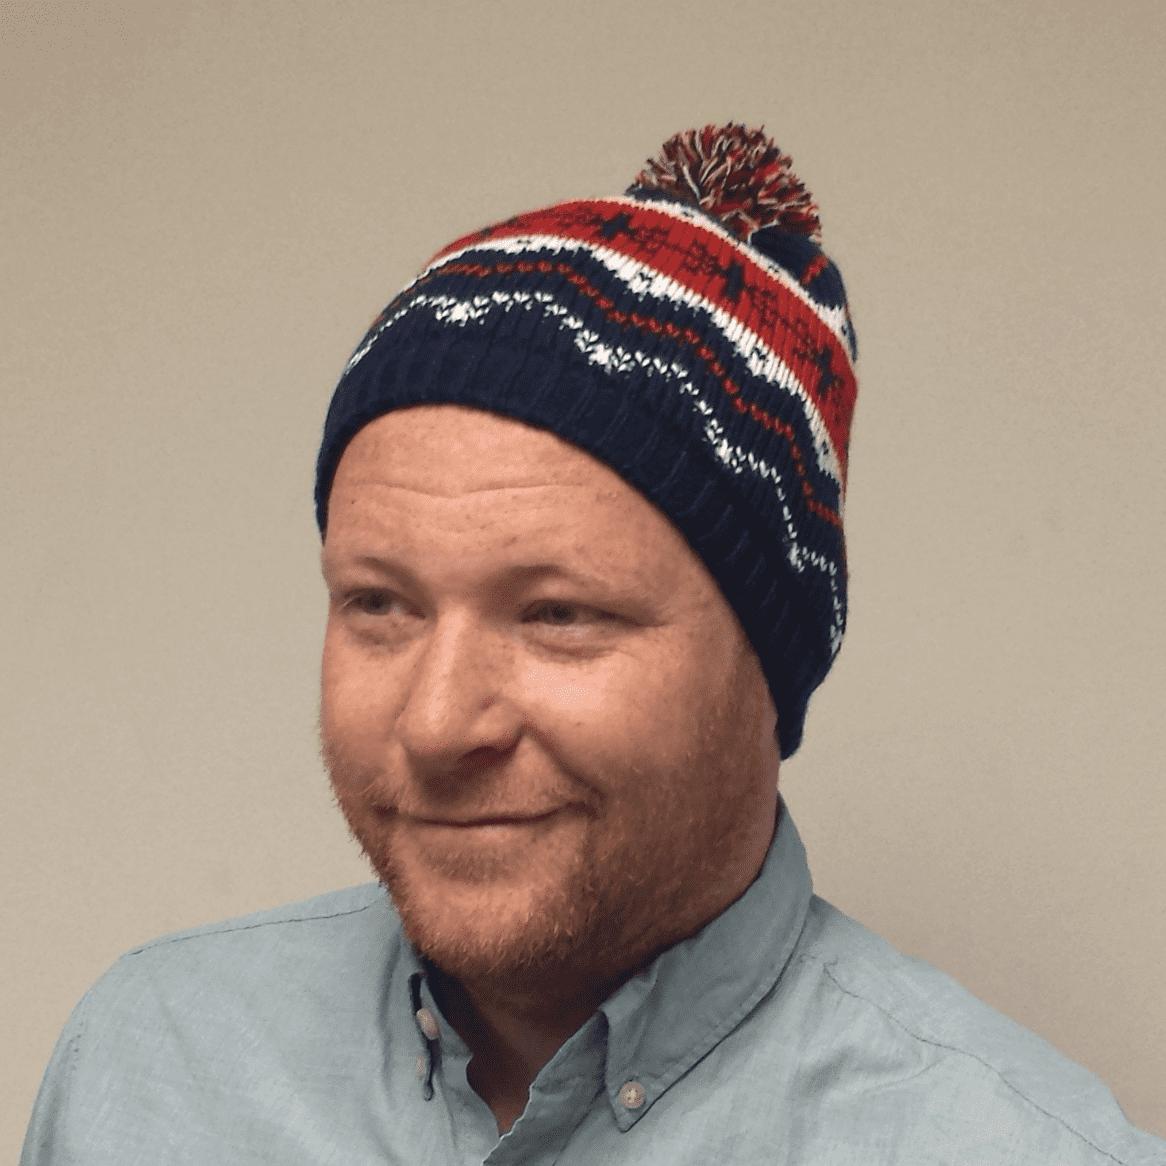 Kevin McCallister Home Alone 2 Knit Hat Beanie Macaulay Culkin Movie  Snowflakes - Walmart.com b9b3eea050a